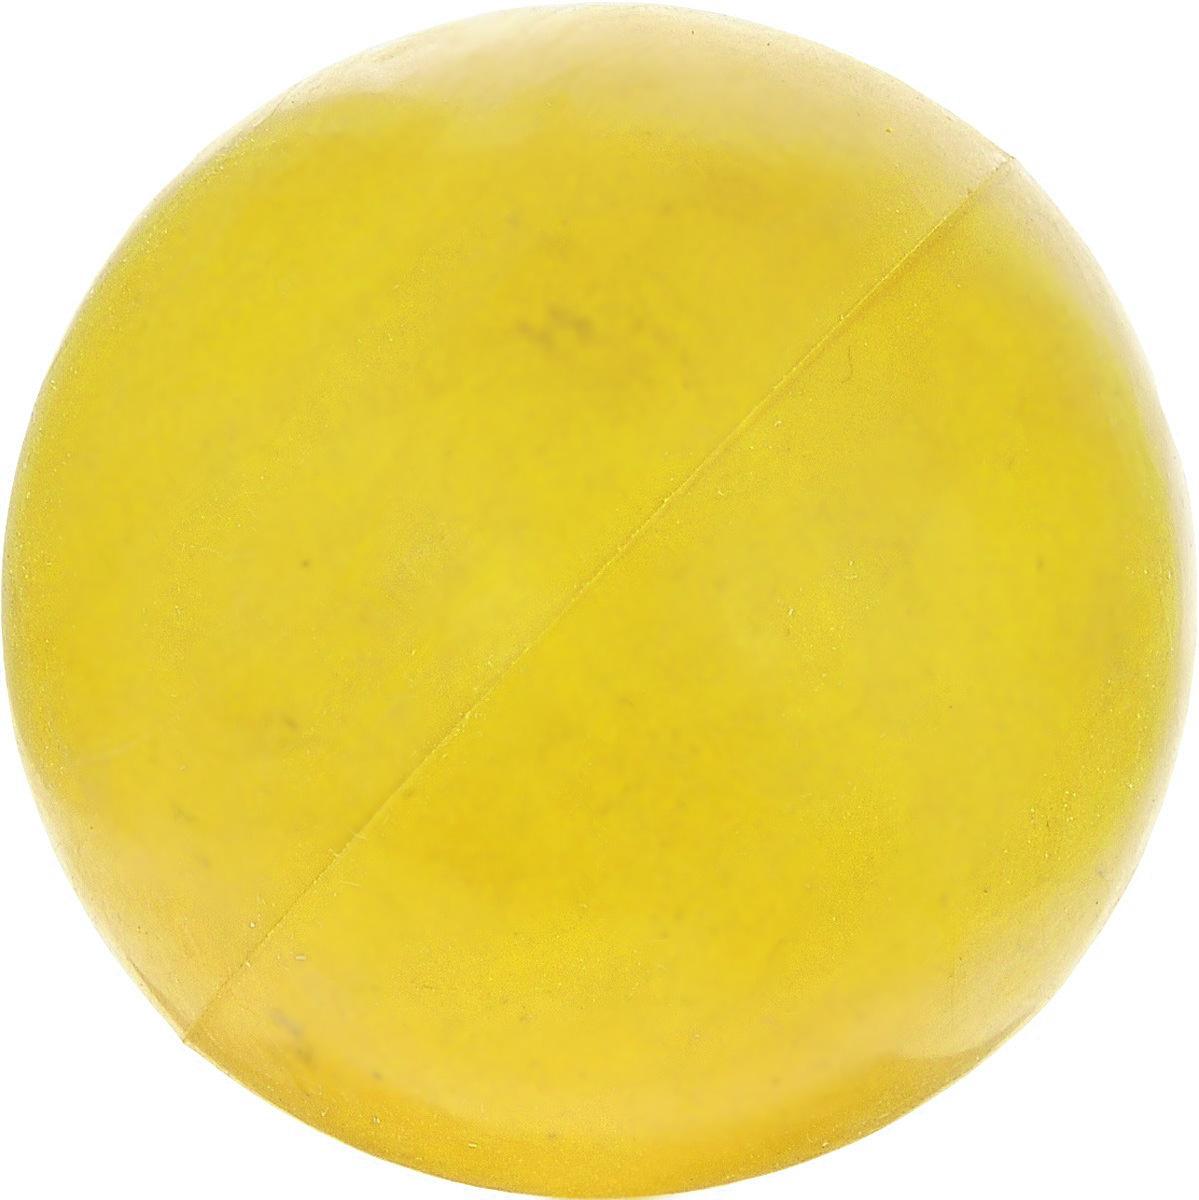 """Игрушка для собак ЗооМарк """"Мячик"""", цвет: желтый, диаметр 6,5 см д-65_желтый"""